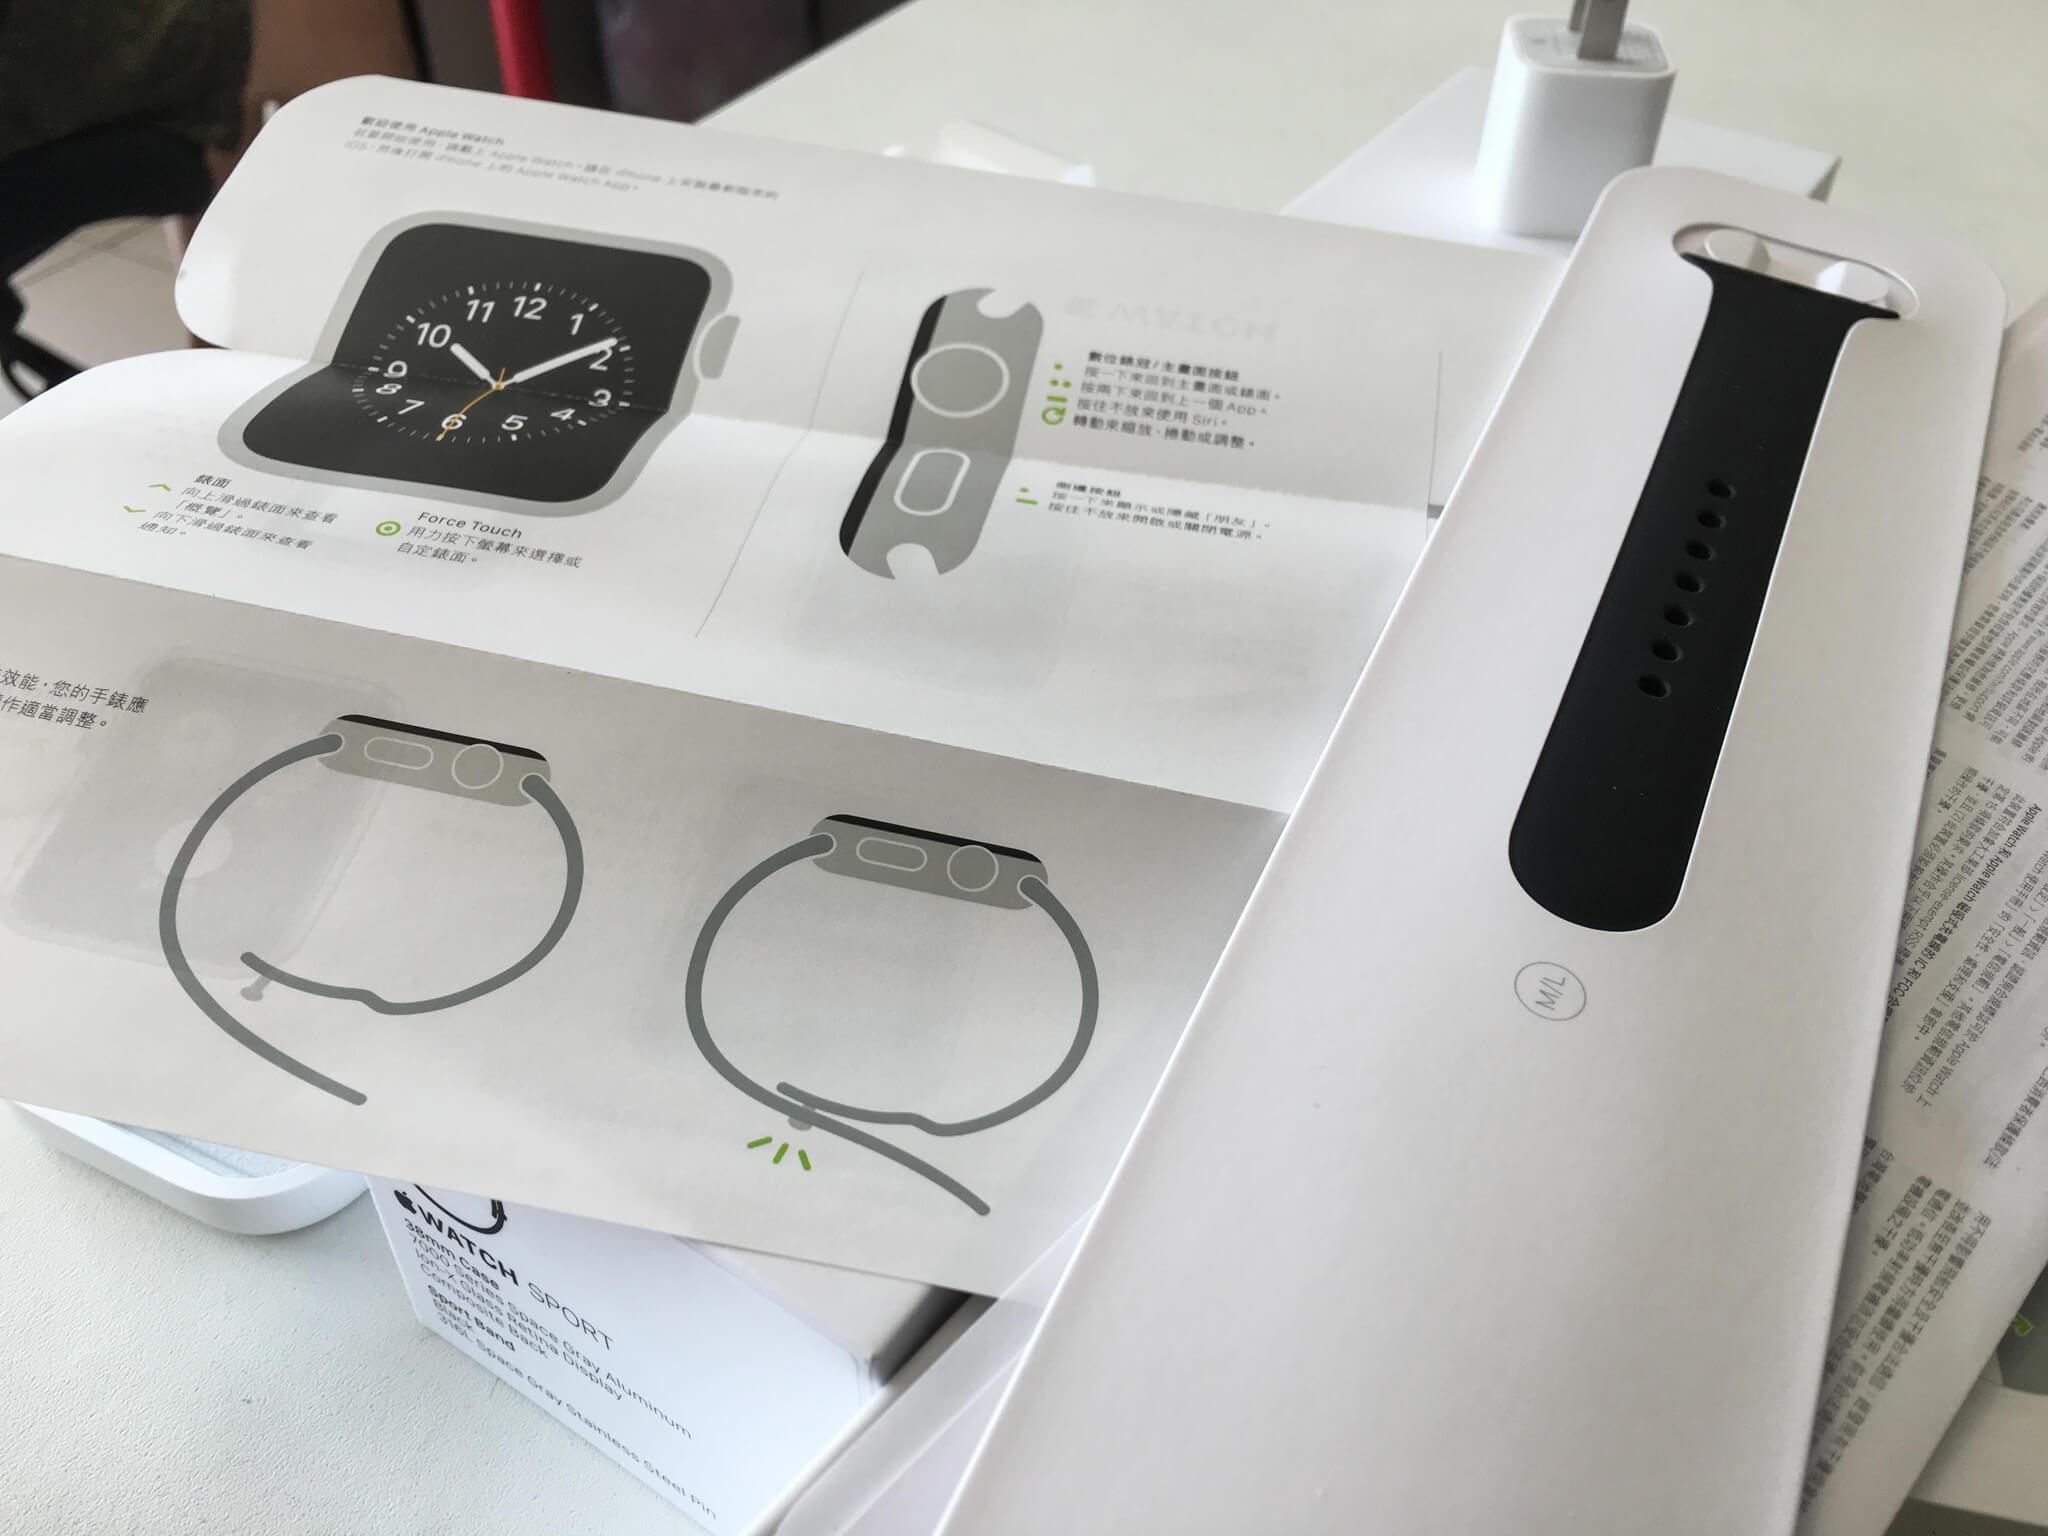 幸好有配與一條較長的錶帶,真是照服我們胖子